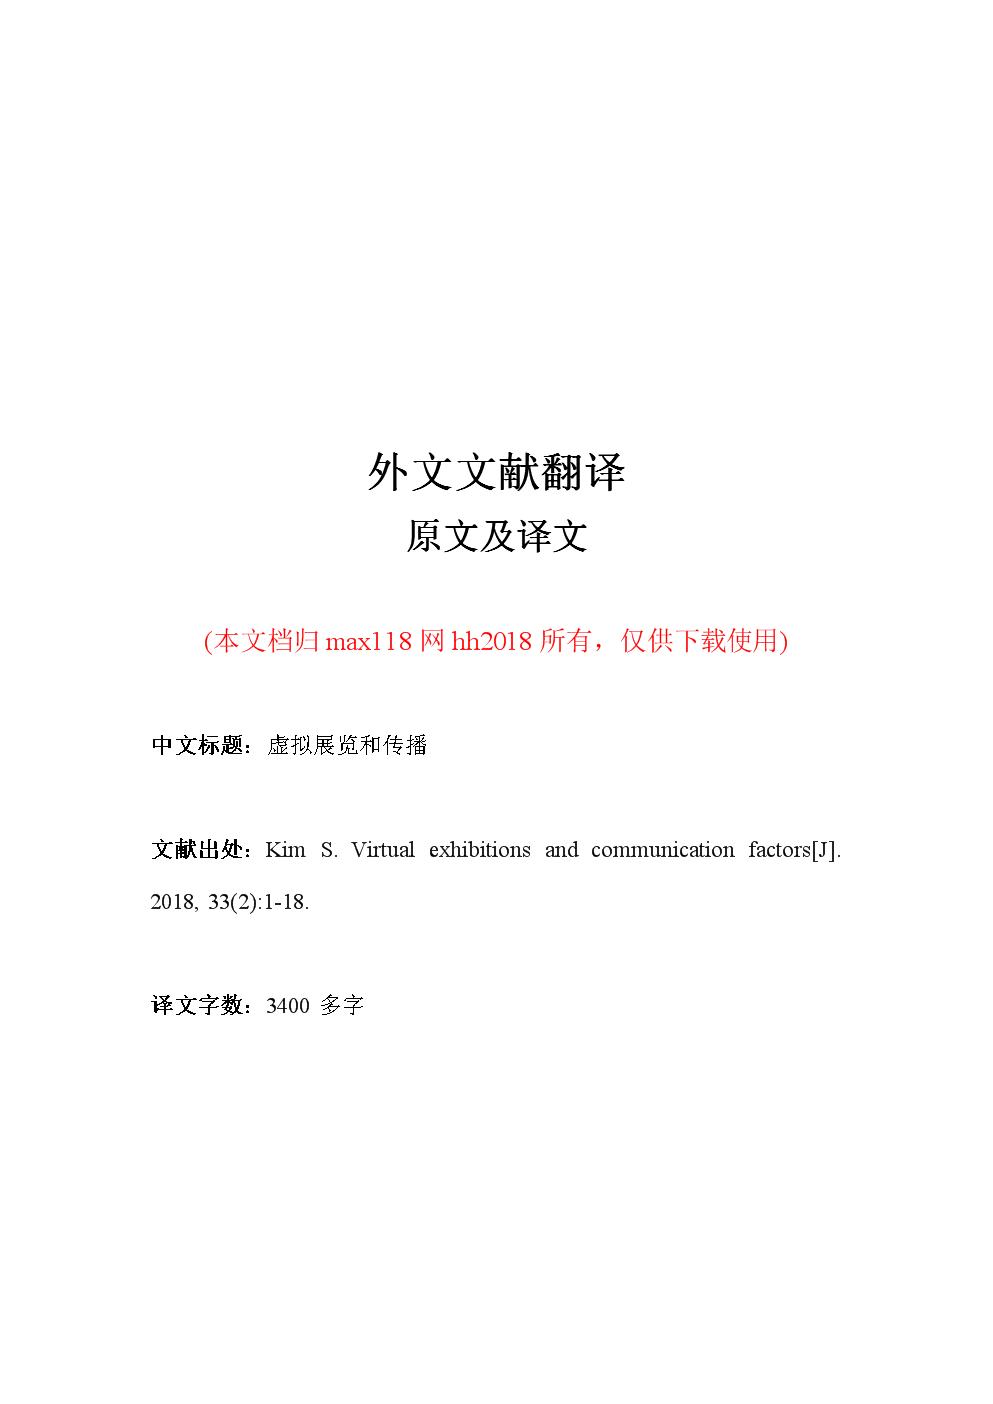 虚拟展览外文文献翻译中英文2018.doc